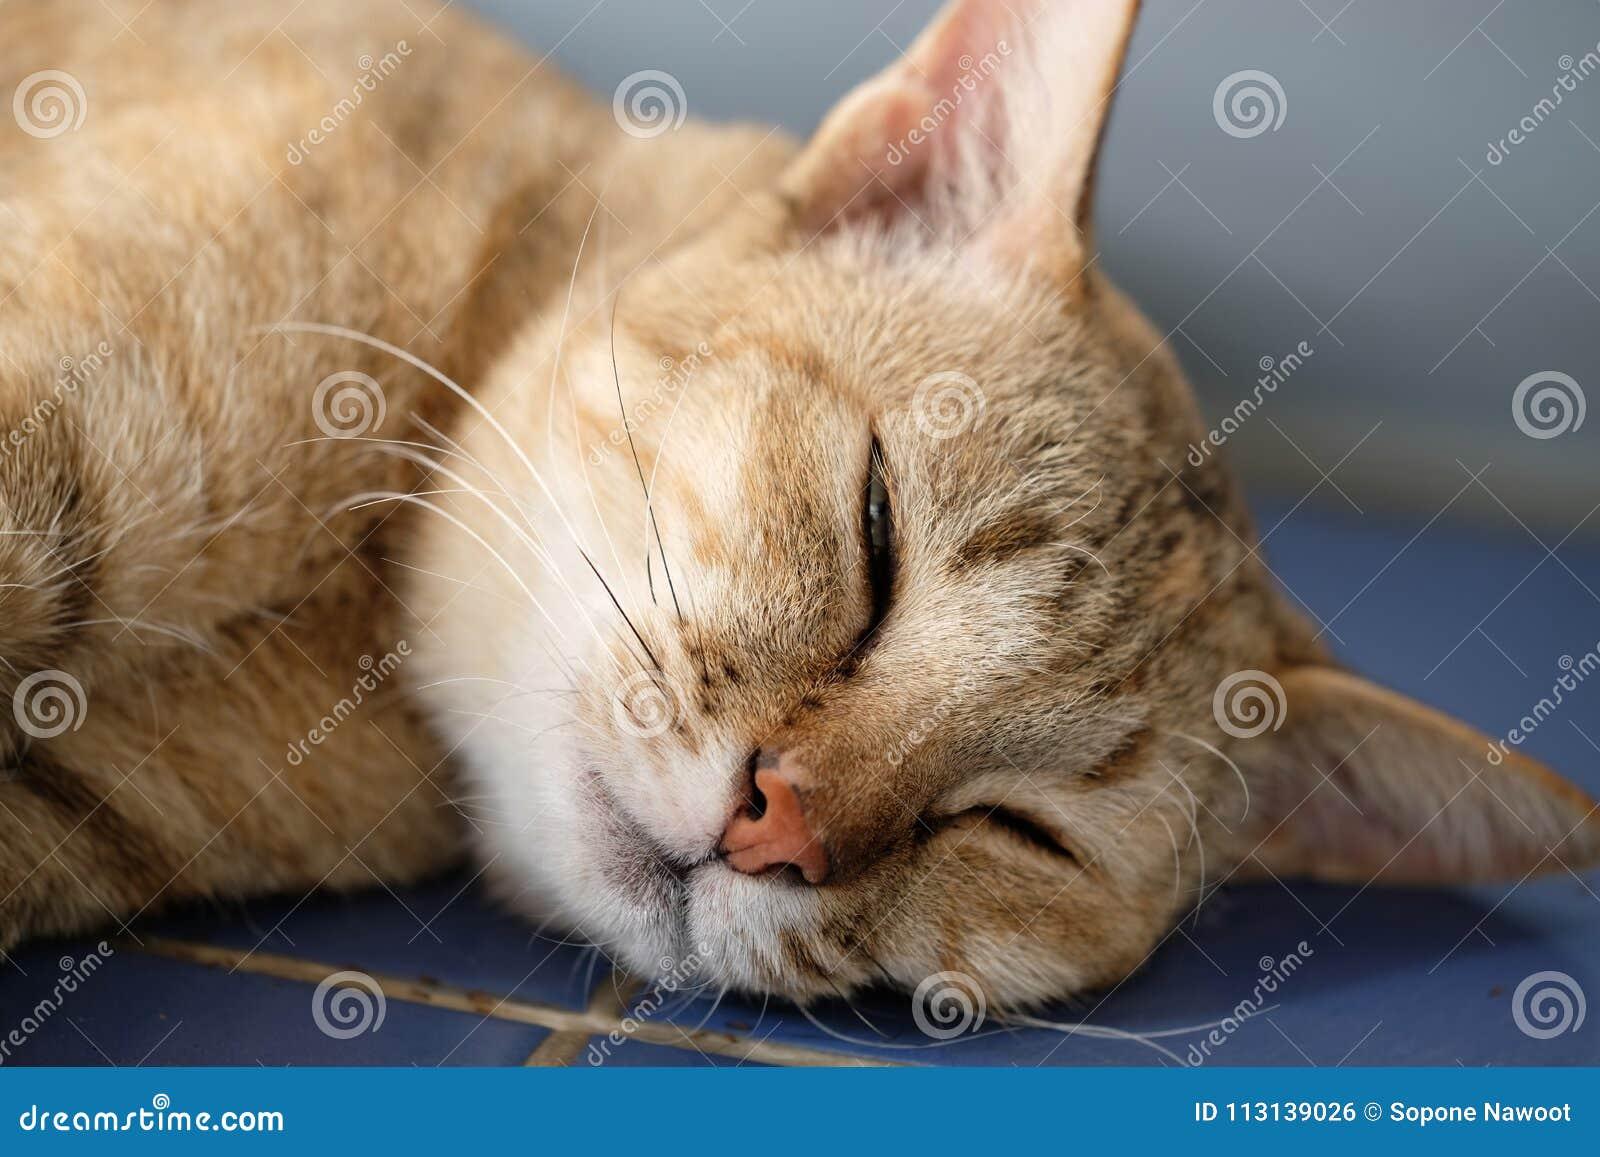 Ceramica antica faenza piastrella riccardo gatti con cornice eur